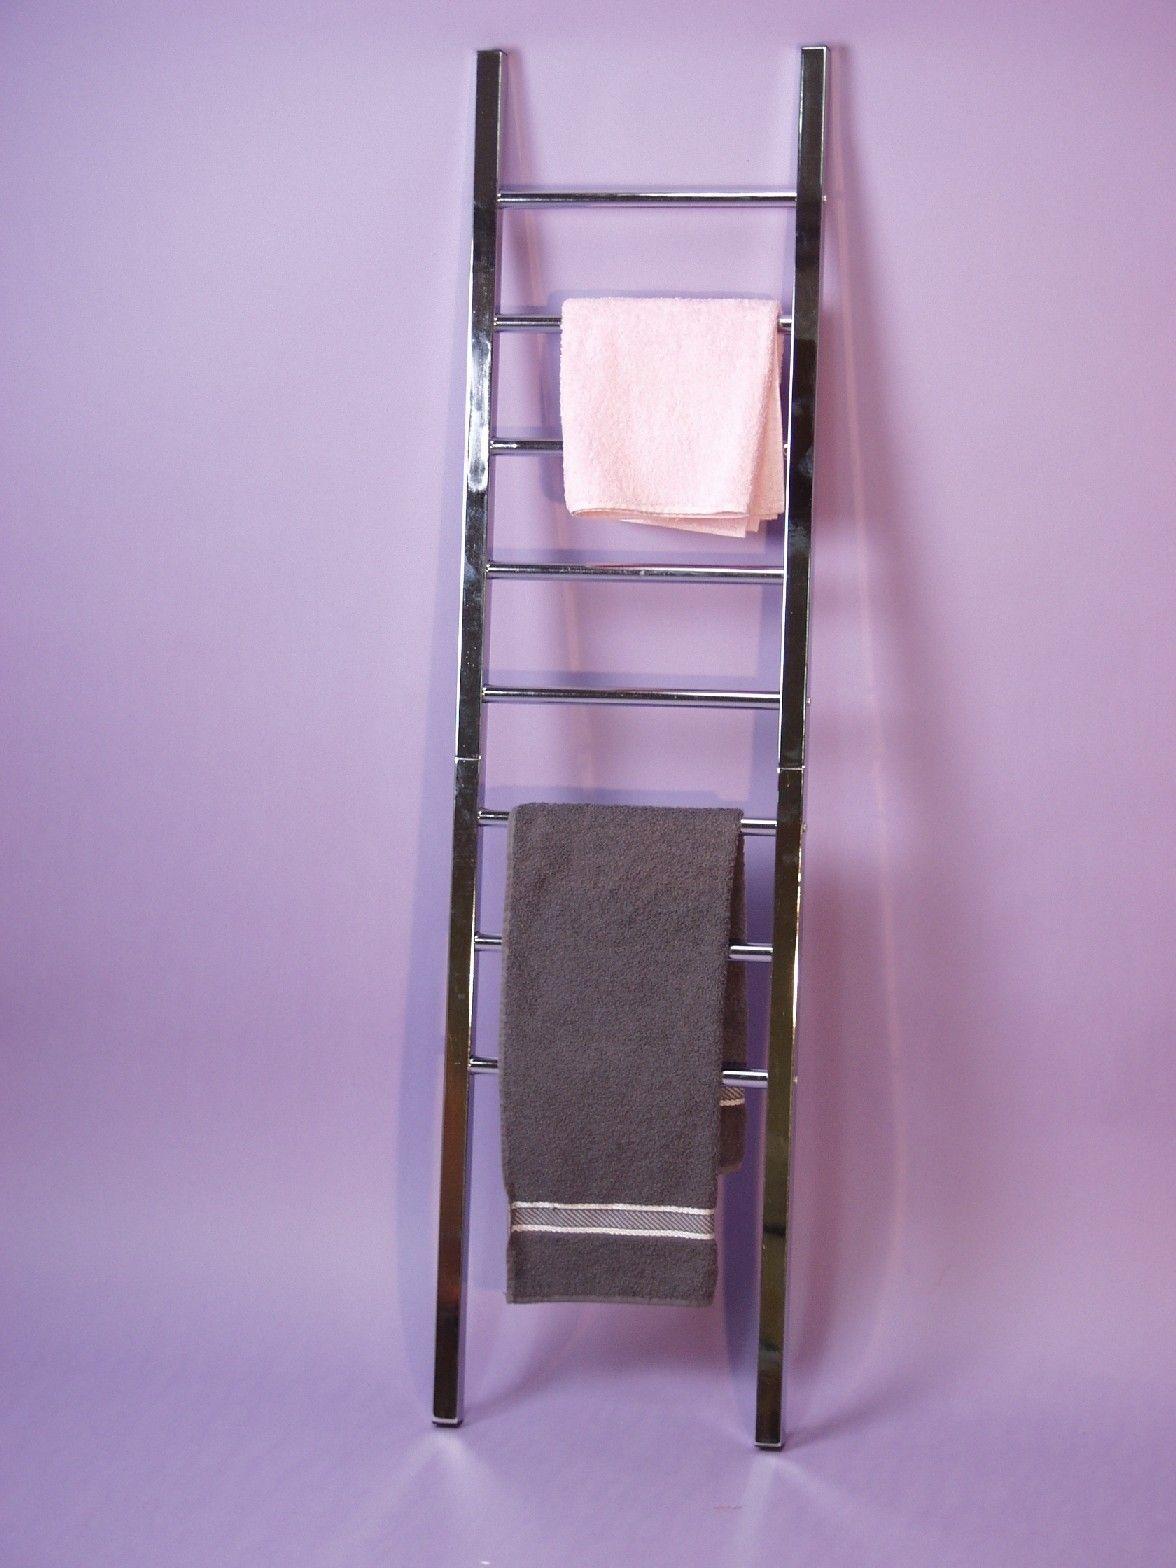 Handtuchhalter Metall Chrom Handtuchständer Handtuchleiter preiswert günstig